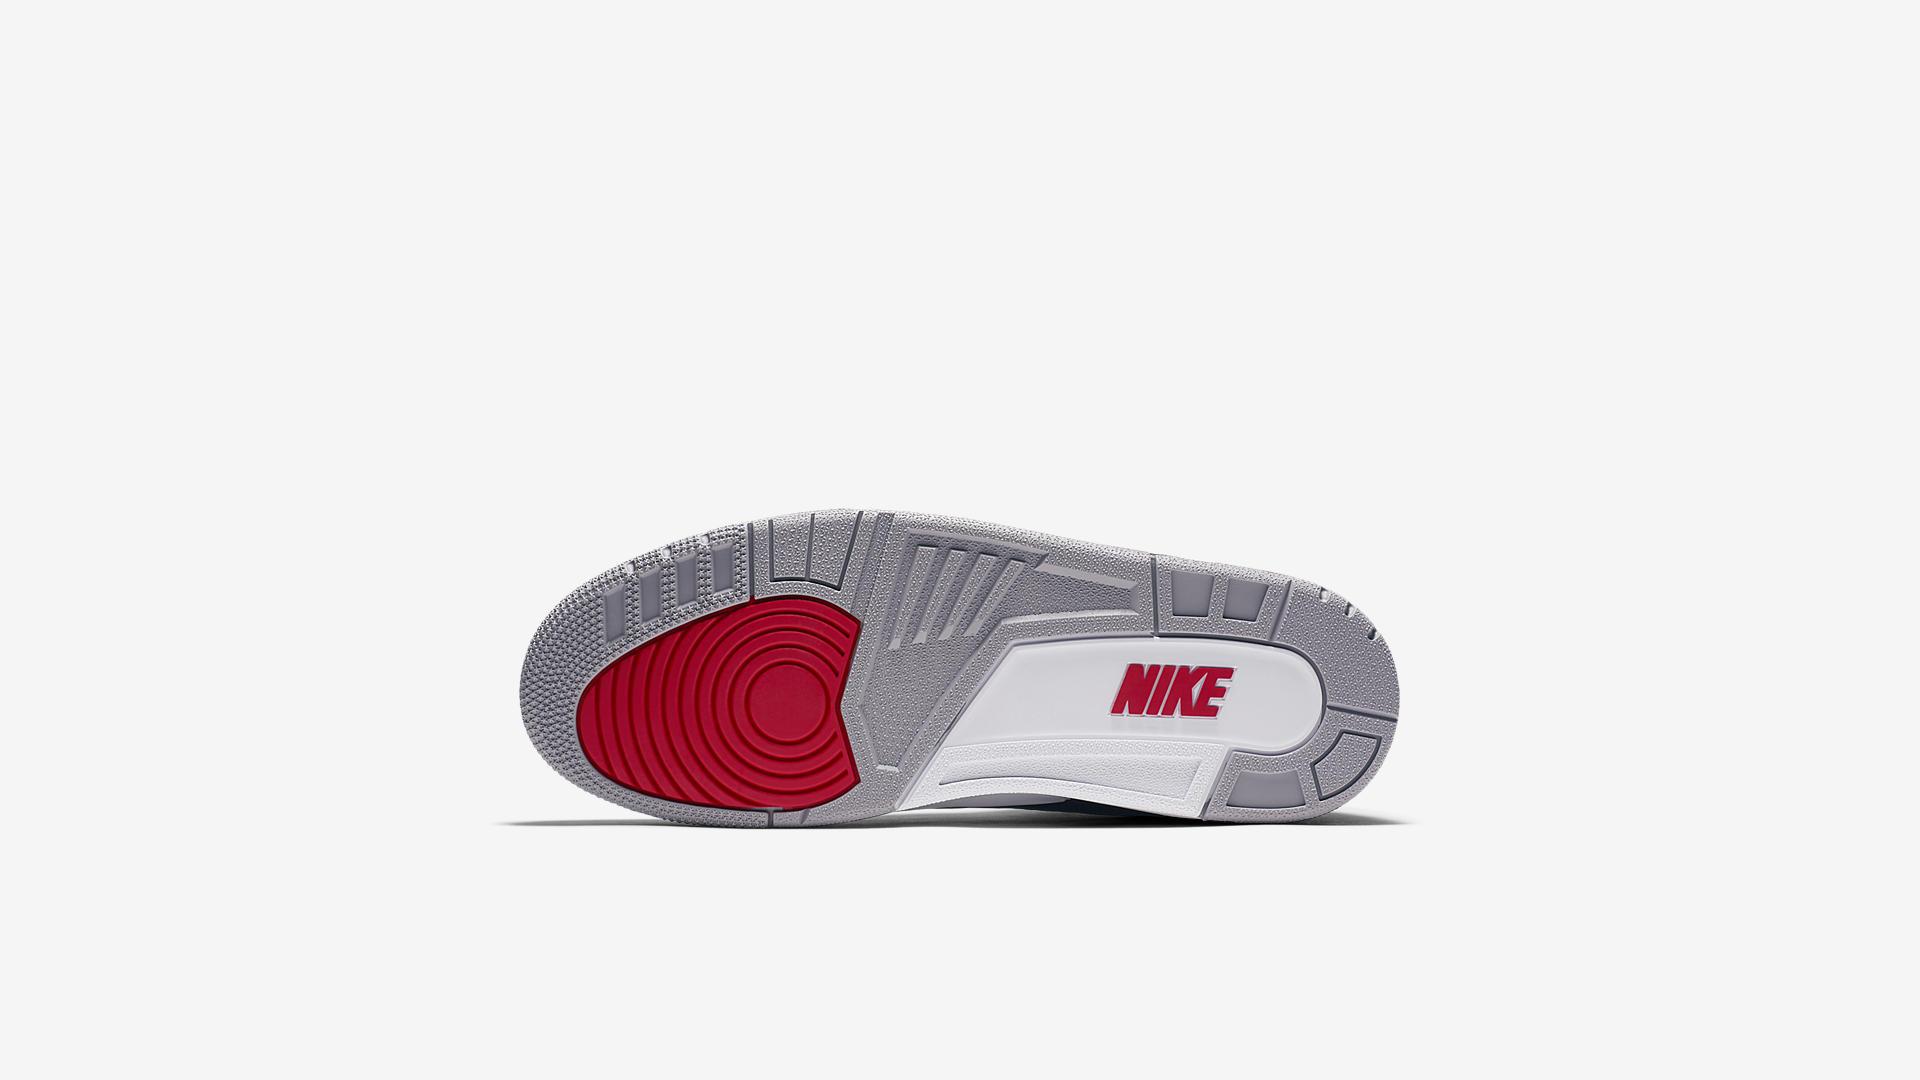 854262 001 Air Jordan 3 Black Cement 4